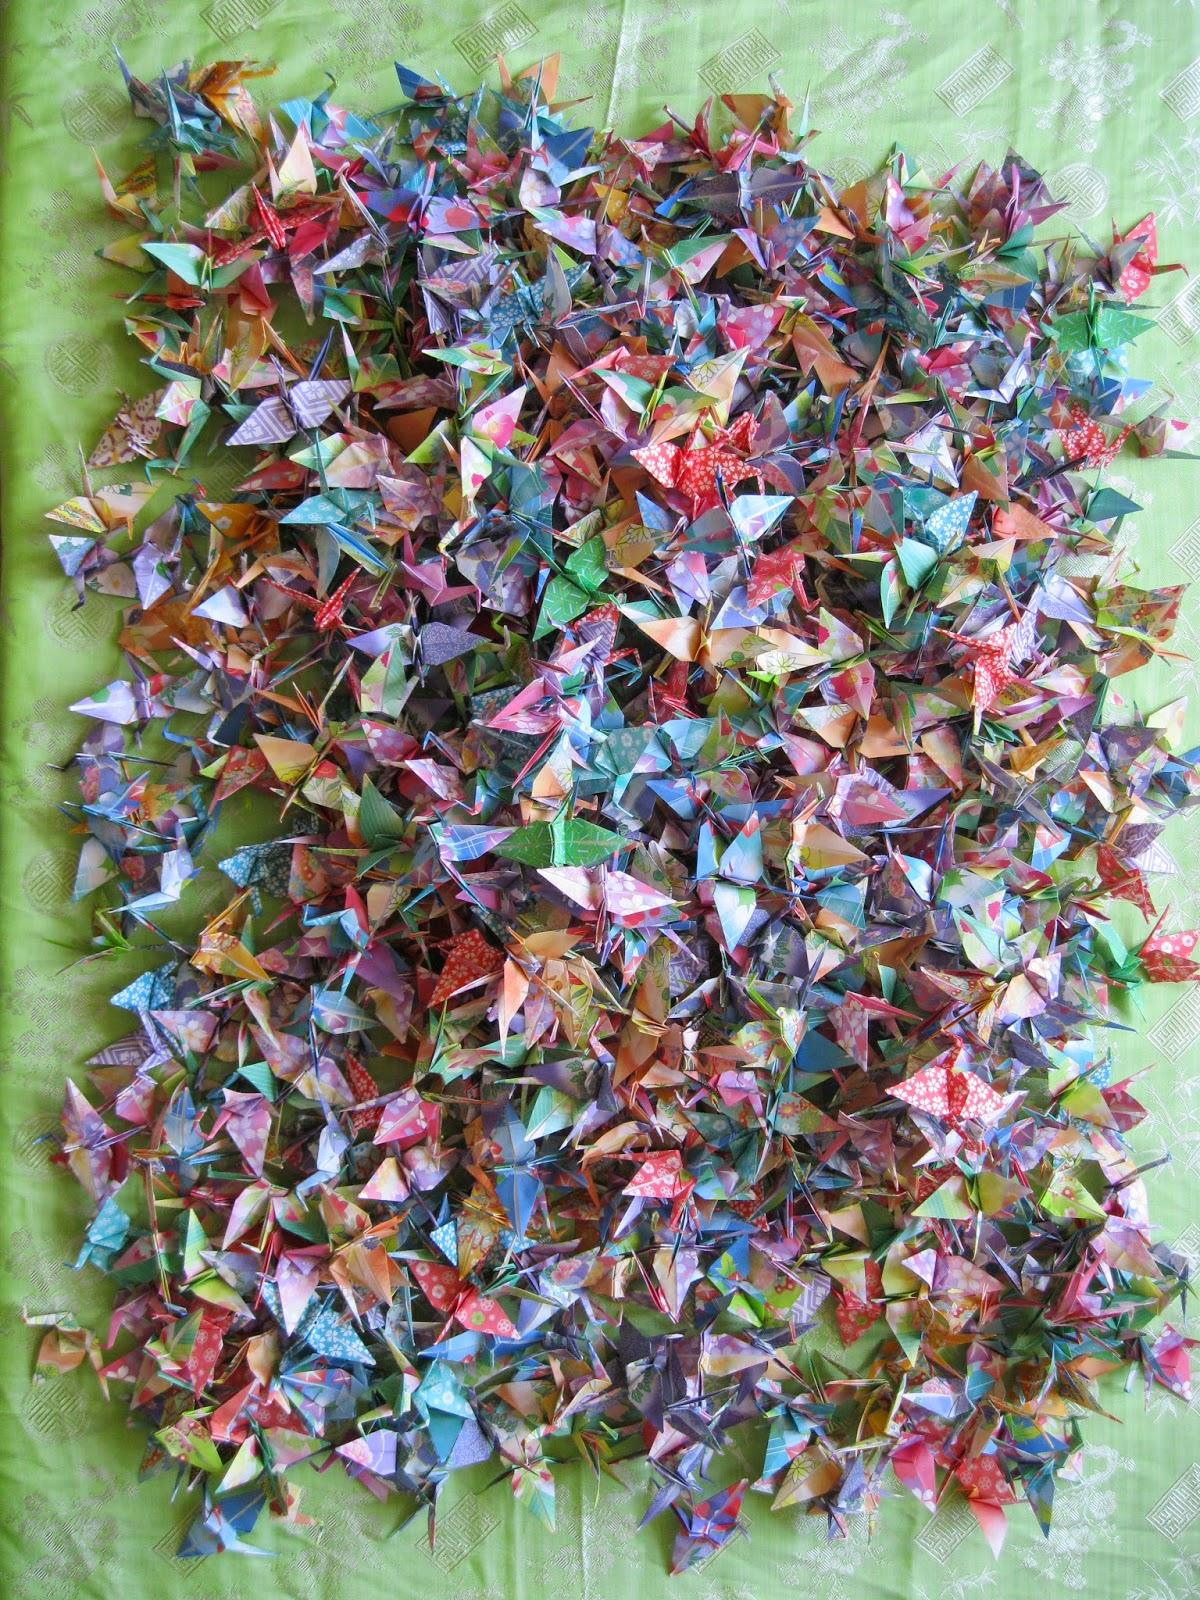 Origami crane crane origami craft ideas - 1000 Origami Cranes Origami Instructions Art And Craft Ideas 1000 Origami Cranes Salsuba Images